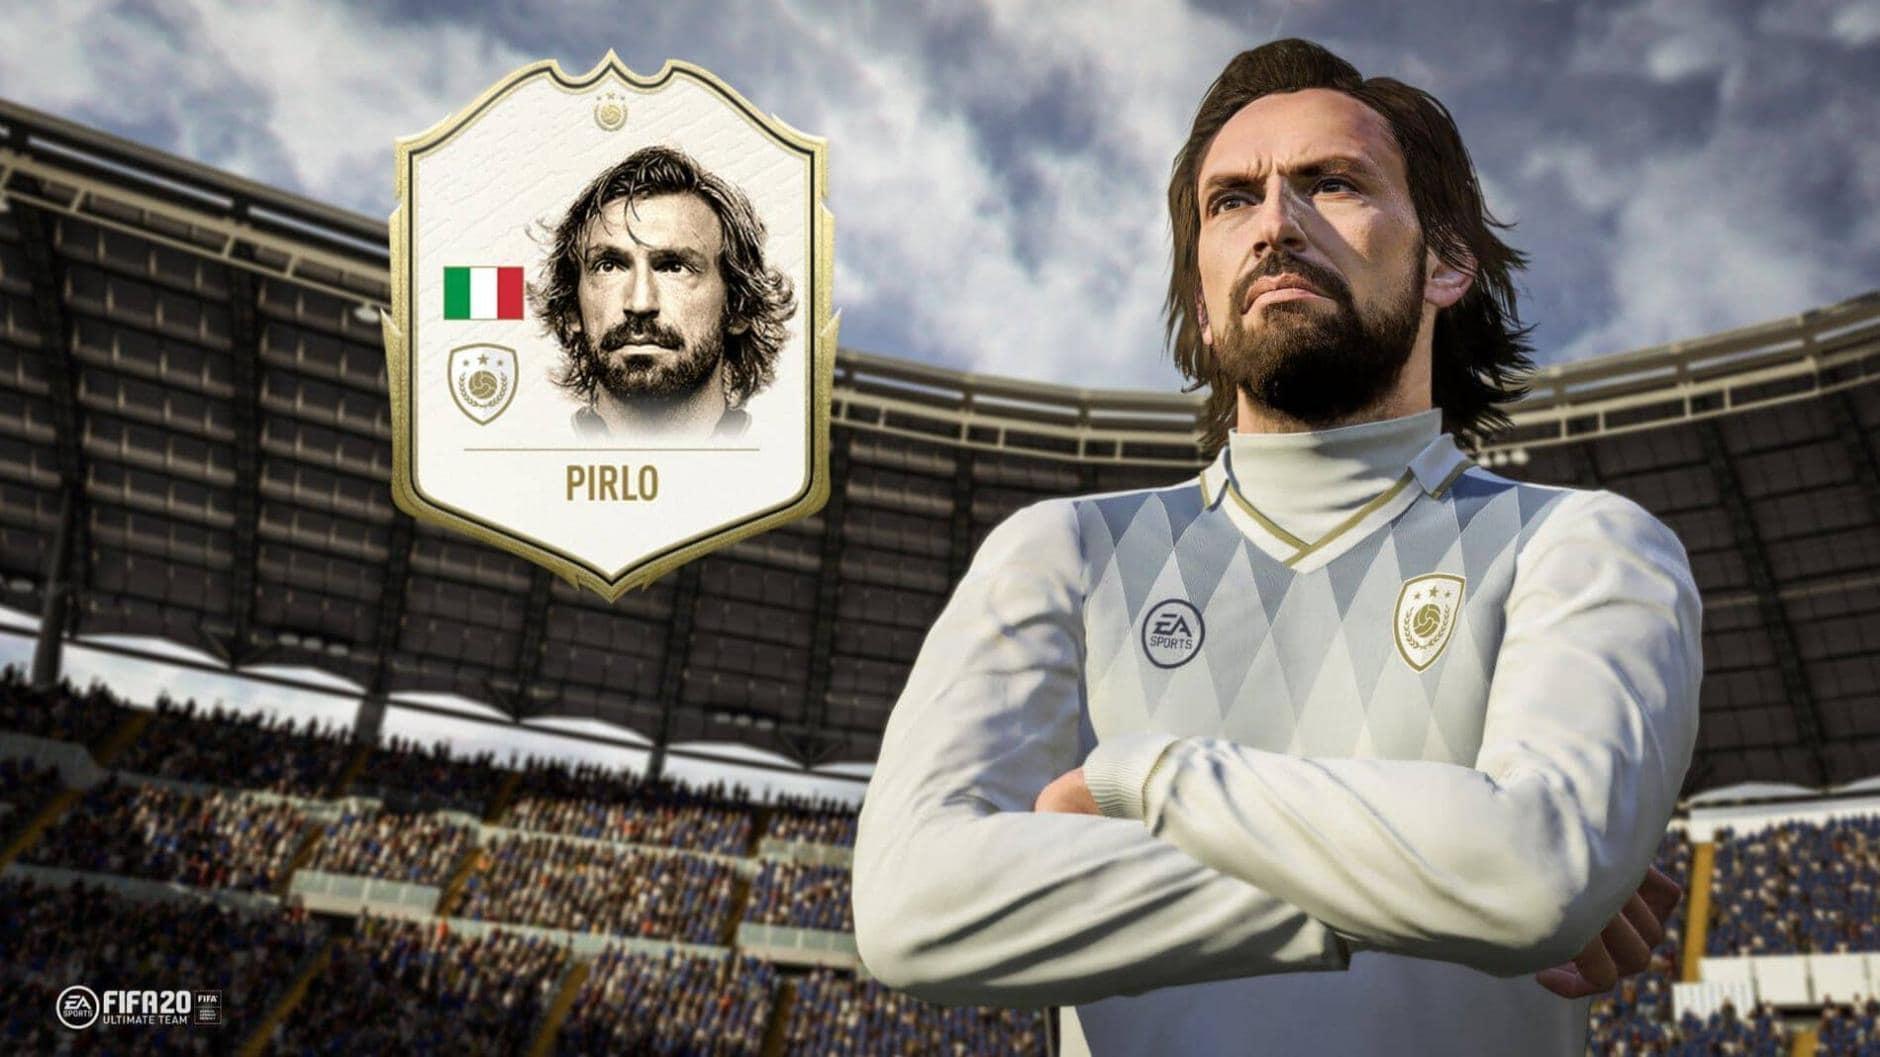 FIFA 20 Andrea Pirlo Icon